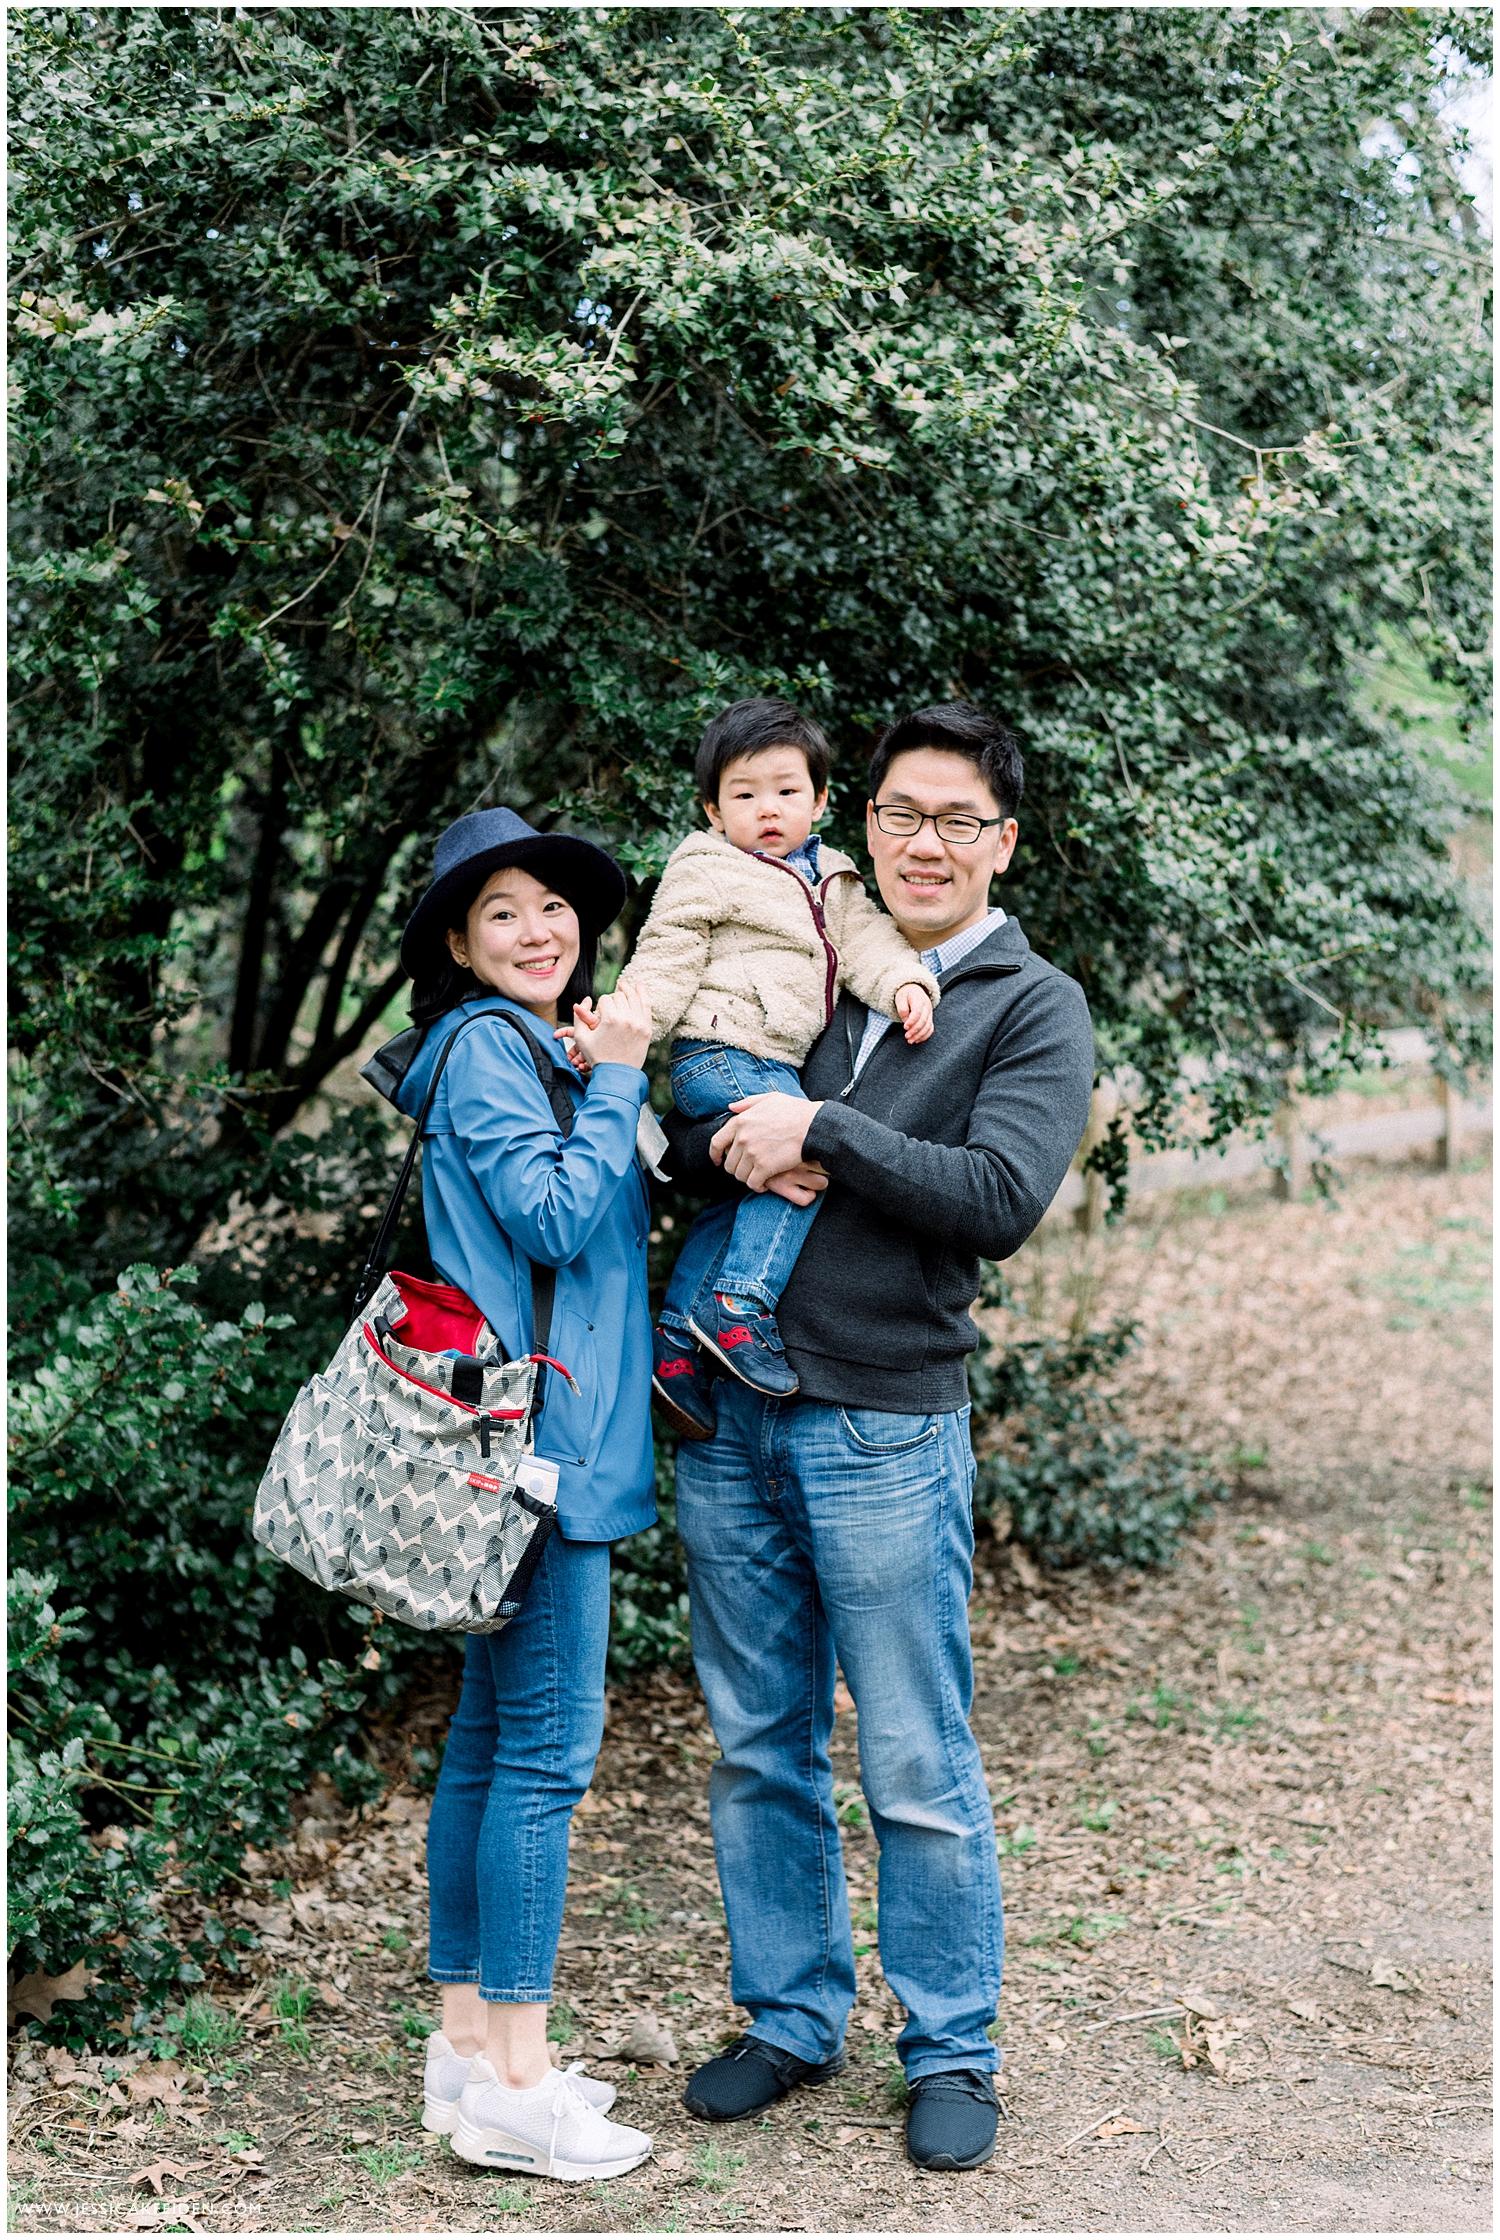 Jessica K Feiden Photography_Arnold Arboretum Spring Family Portrait Session Photographer_0007.jpg